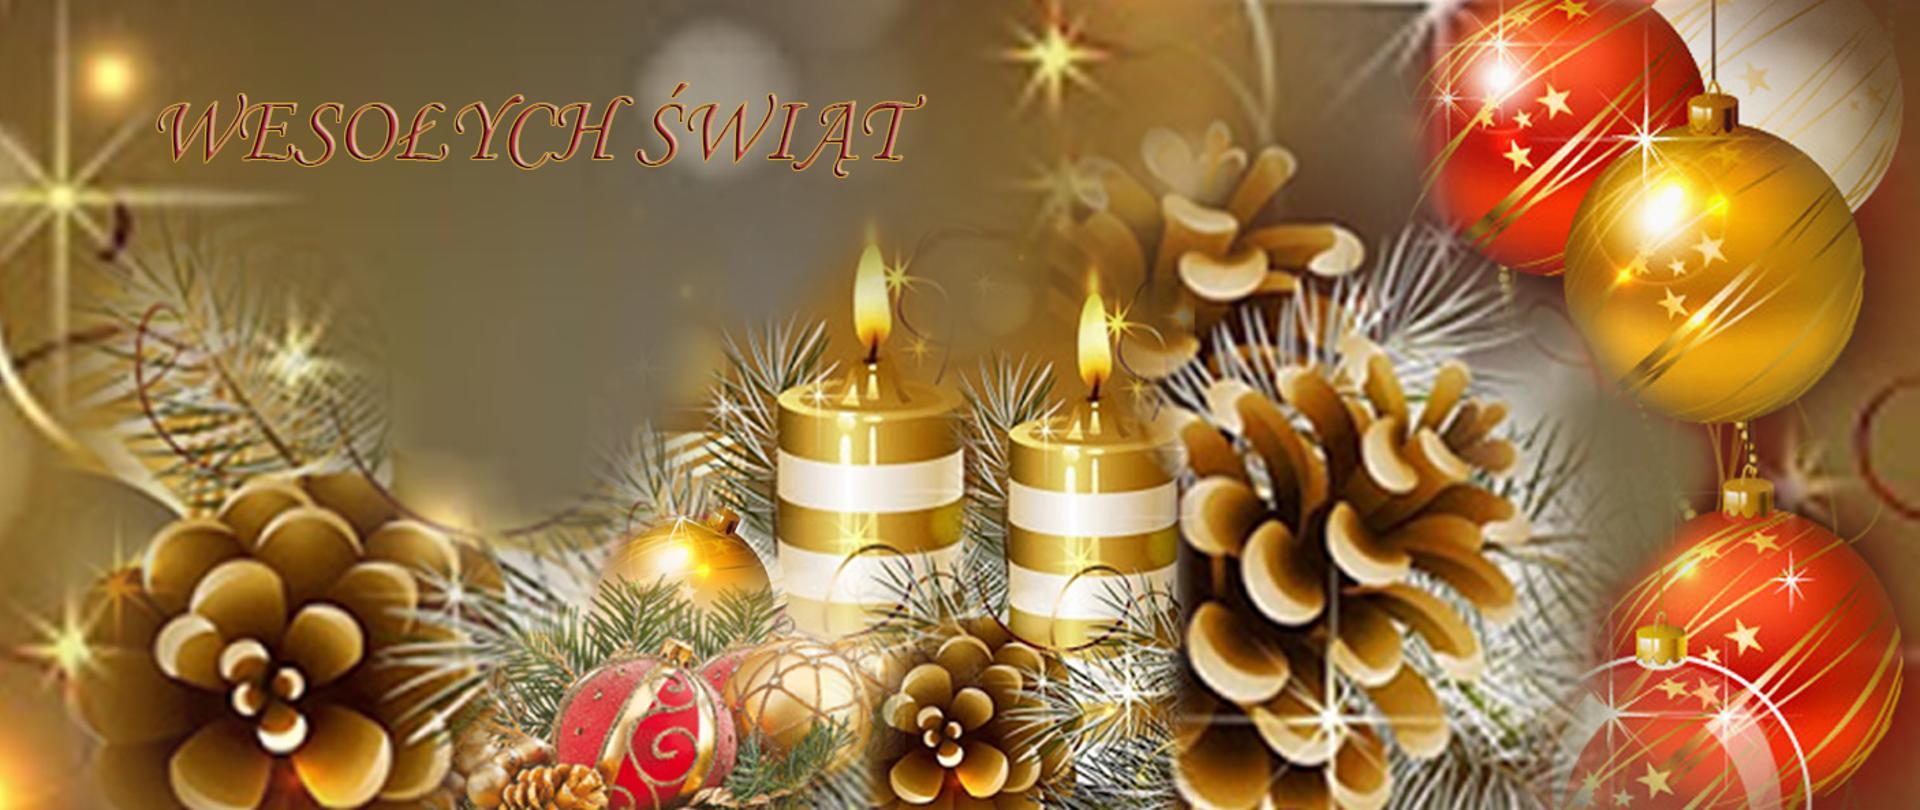 Wesołych Świąt – kompozycja świąteczna: świece, bombki, gałązki świerku, szyszki – przeważa kolor złoty.